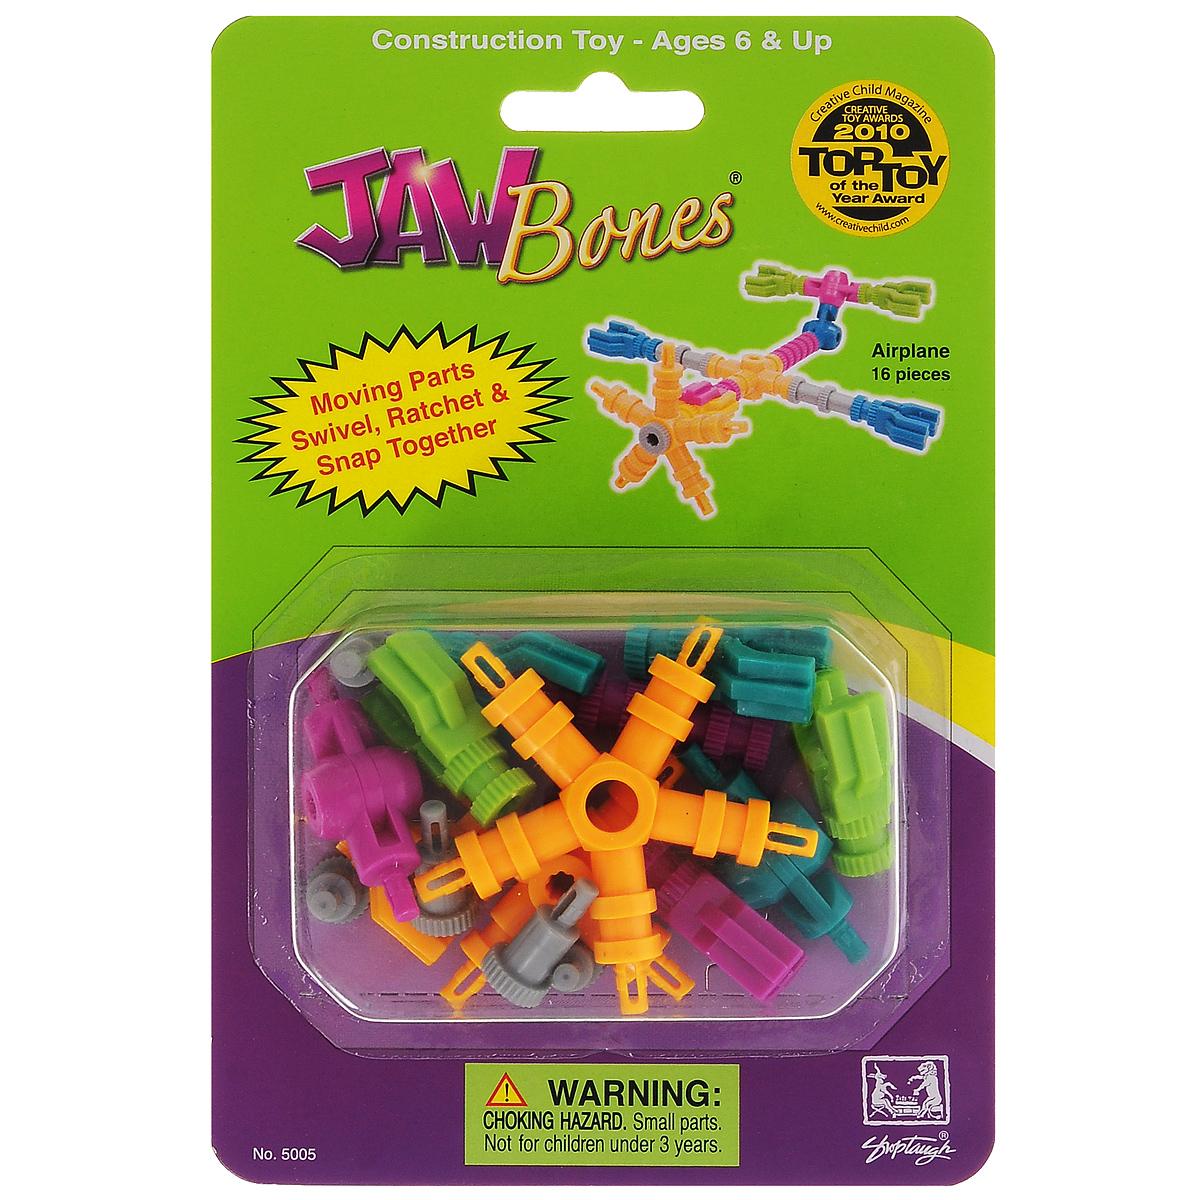 цены на Jawbones Конструктор Аэроплан в интернет-магазинах